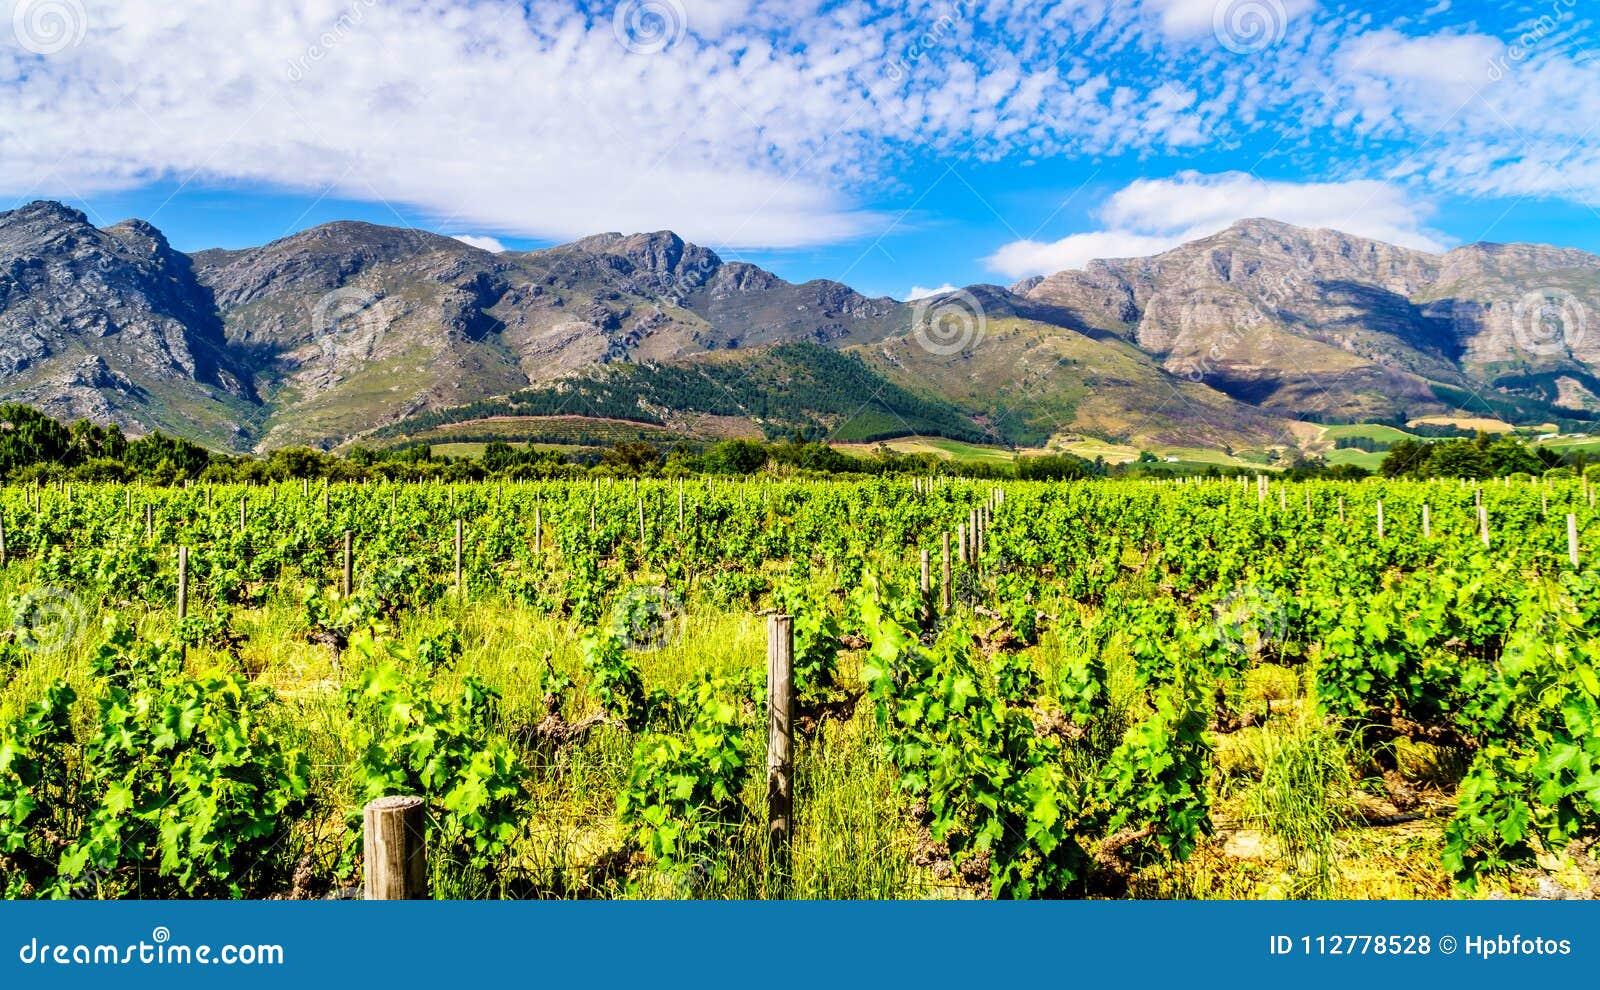 Wijngaarden van de Kaap Winelands in de Franschhoek-Vallei in de Westelijke Kaap van Zuid-Afrika, in het midden van het omringen